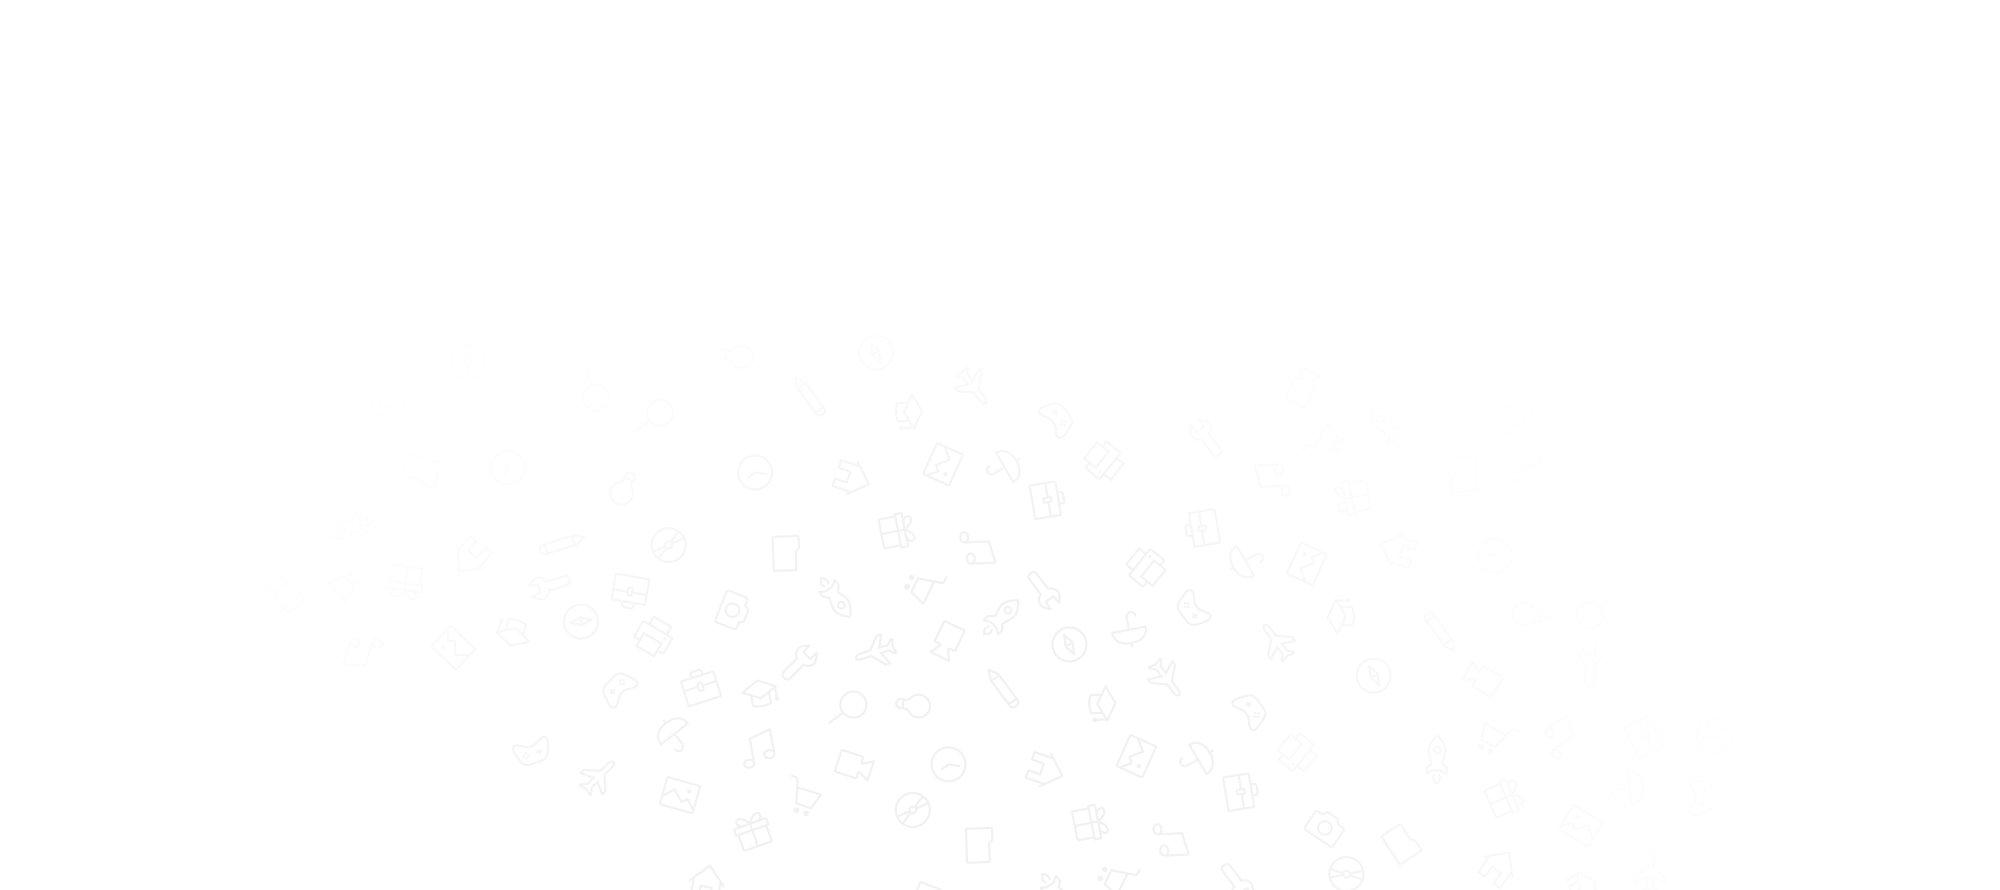 املاک پرند|دپارتمان املاک مسعود پرند|دکتر مسعود مرادی |09121281328